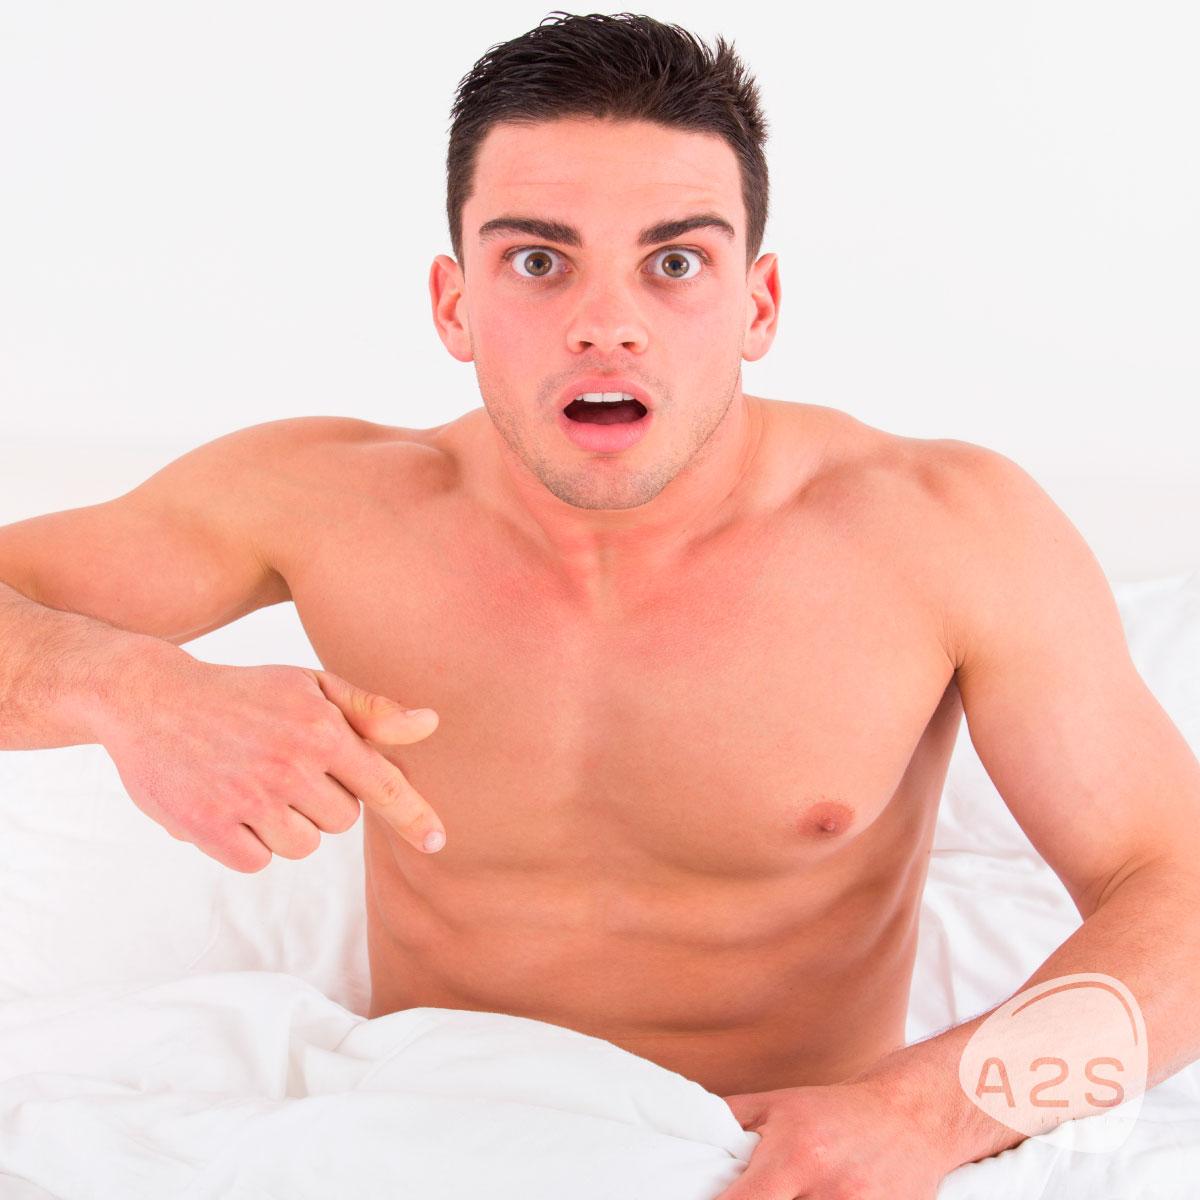 come smettere di masturbarsi